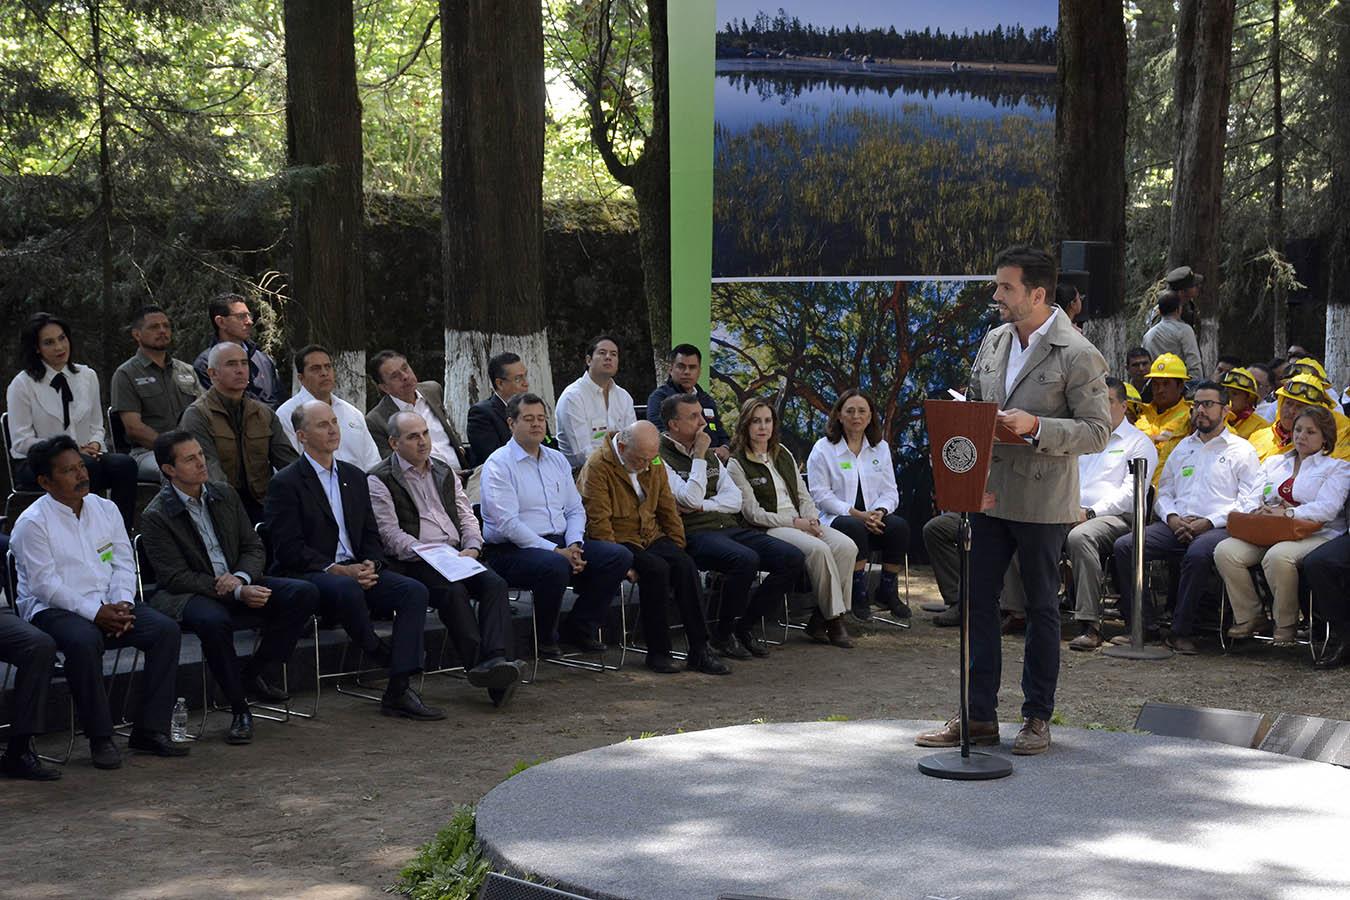 . El Secretario de Medio Ambiente y Recursos Naturales (Semarnat), Rafael Pacchiano Alamán, informó que en conservación y cuidado de los bosques se redujo la pérdida forestal en comparación de la administración anterior, de 150 mil hectáreas a poco más de 90 mil.